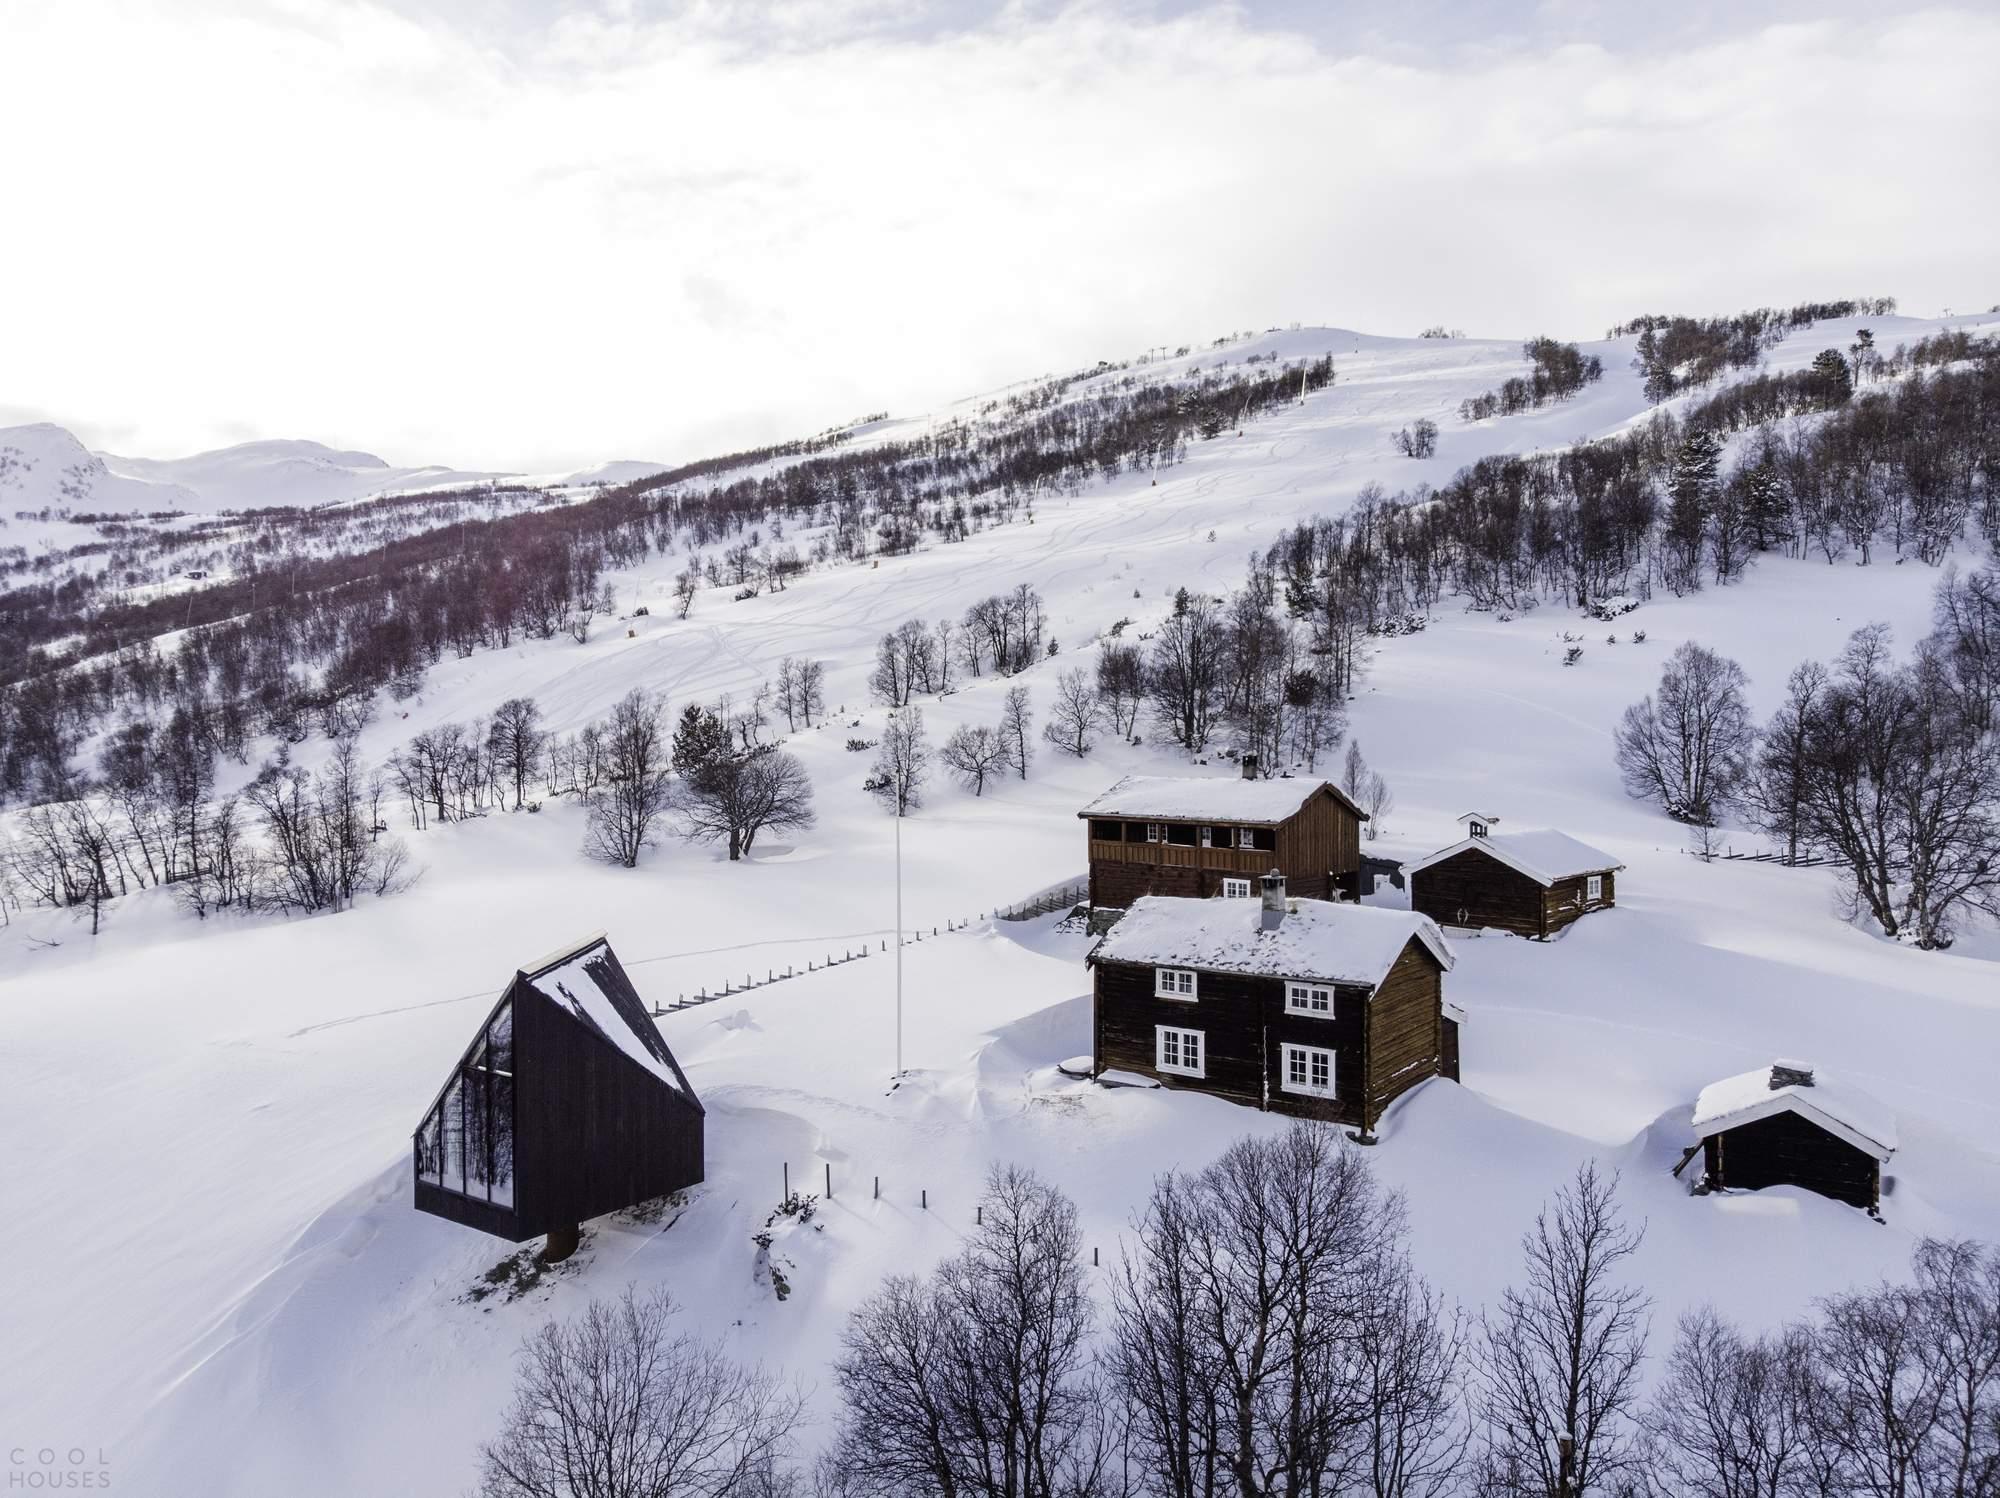 Мини-коттедж «Бриллиант» на горнолыжных склонах Норвегии